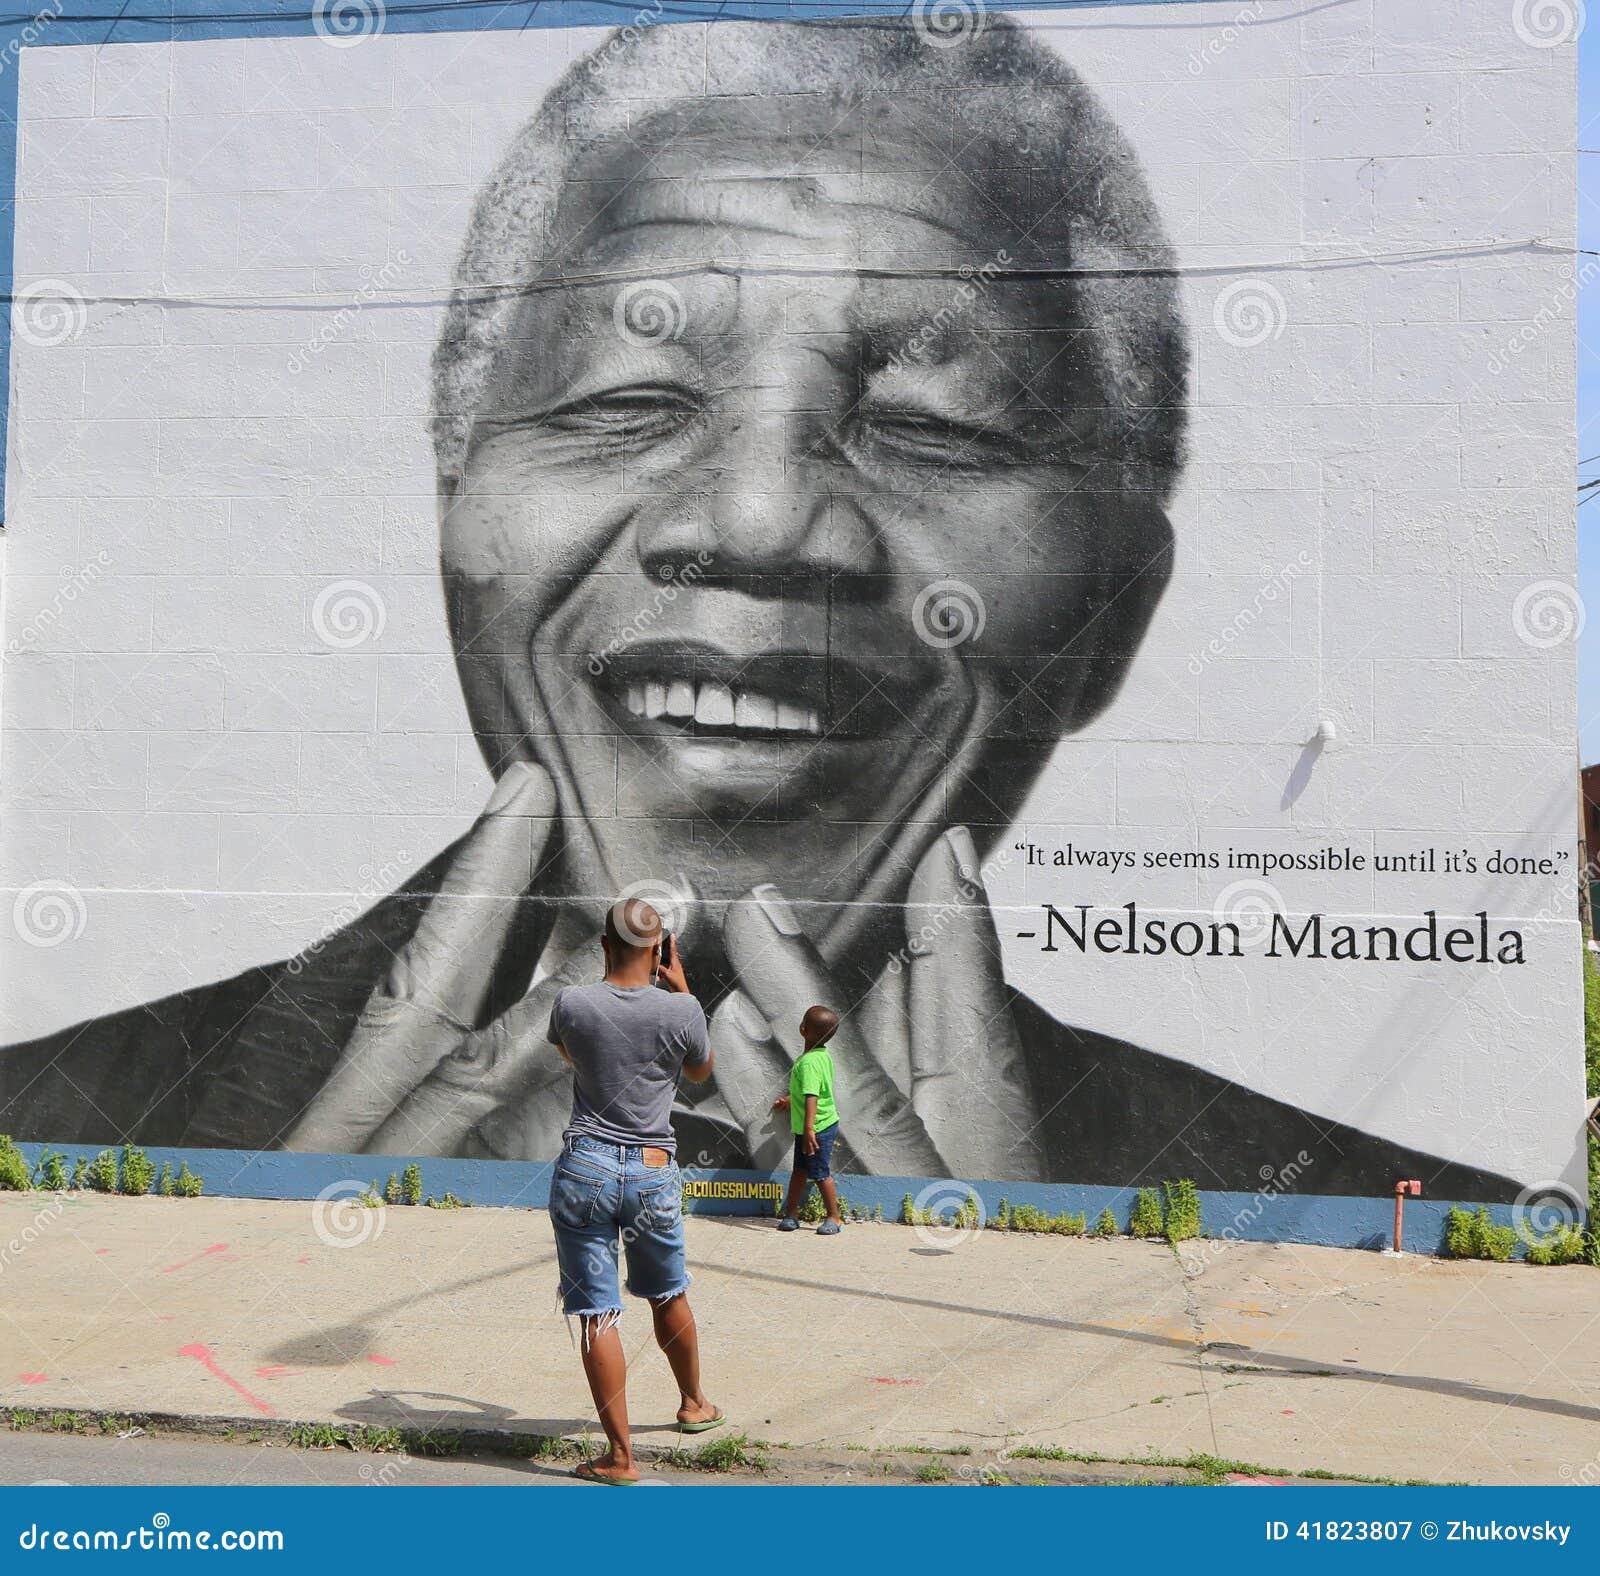 Μη αναγνωρισμένη ληφθείσα οικογένεια εικόνα στο μέτωπο της τοιχογραφίας του Νέλσον Μαντέλα στο τμήμα Williamsburg στο Μπρούκλιν